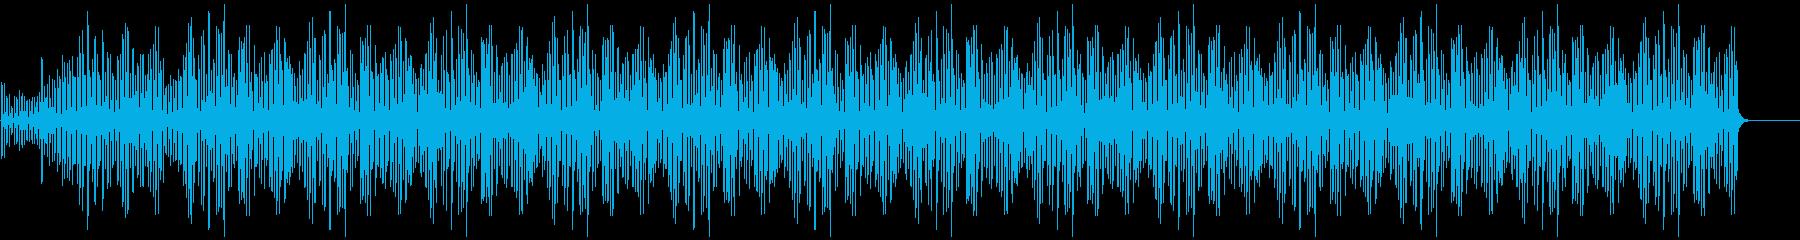 ミニマルなピアノBGM(ストリングス無)の再生済みの波形